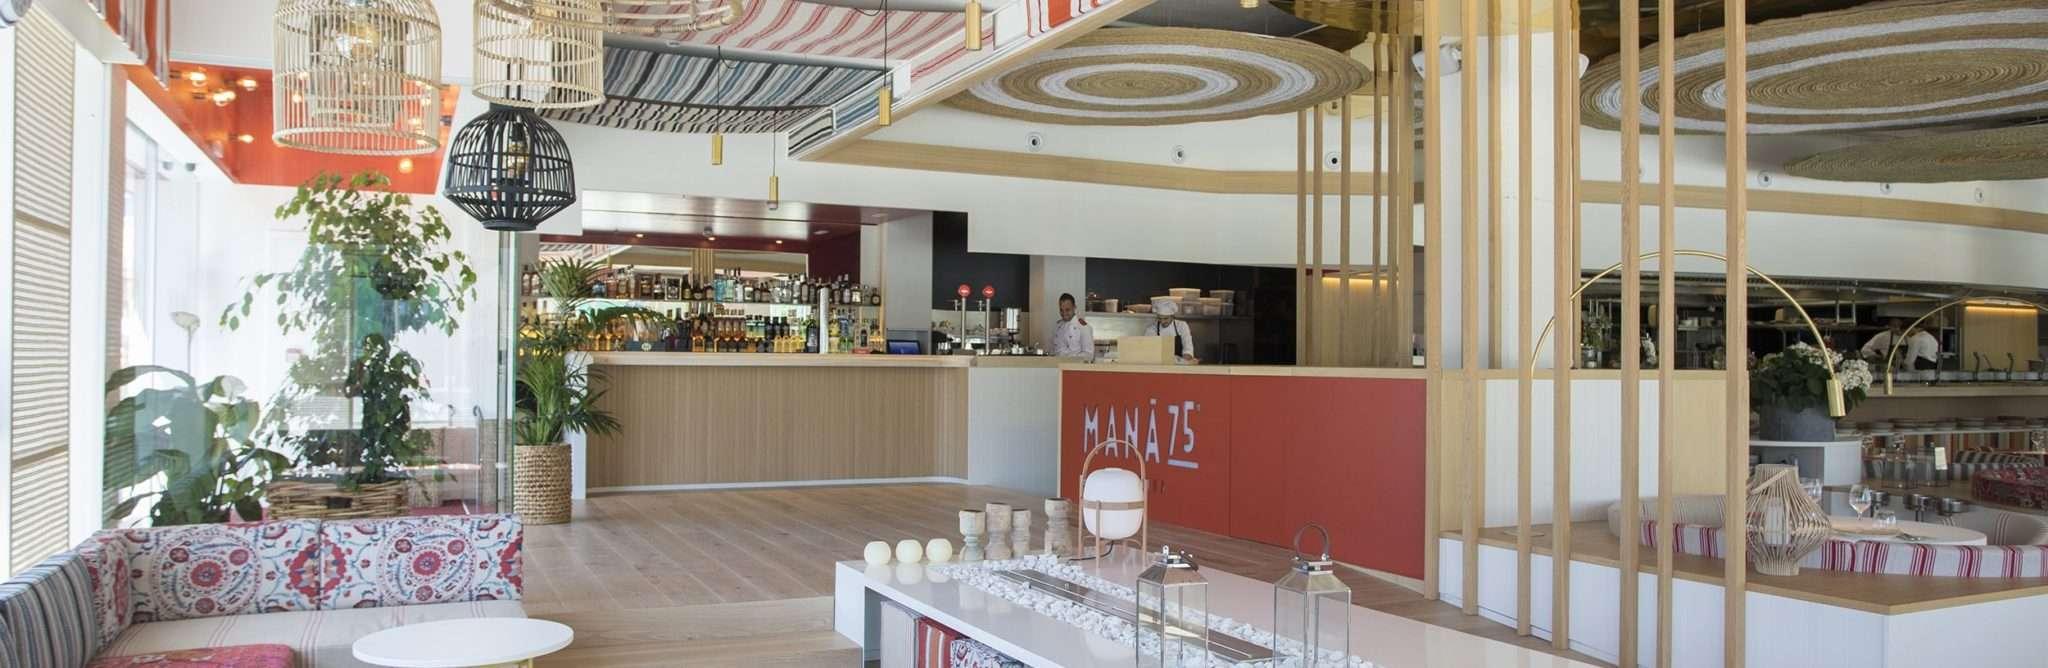 Dove Mangiare a Barcellona - Mana 75